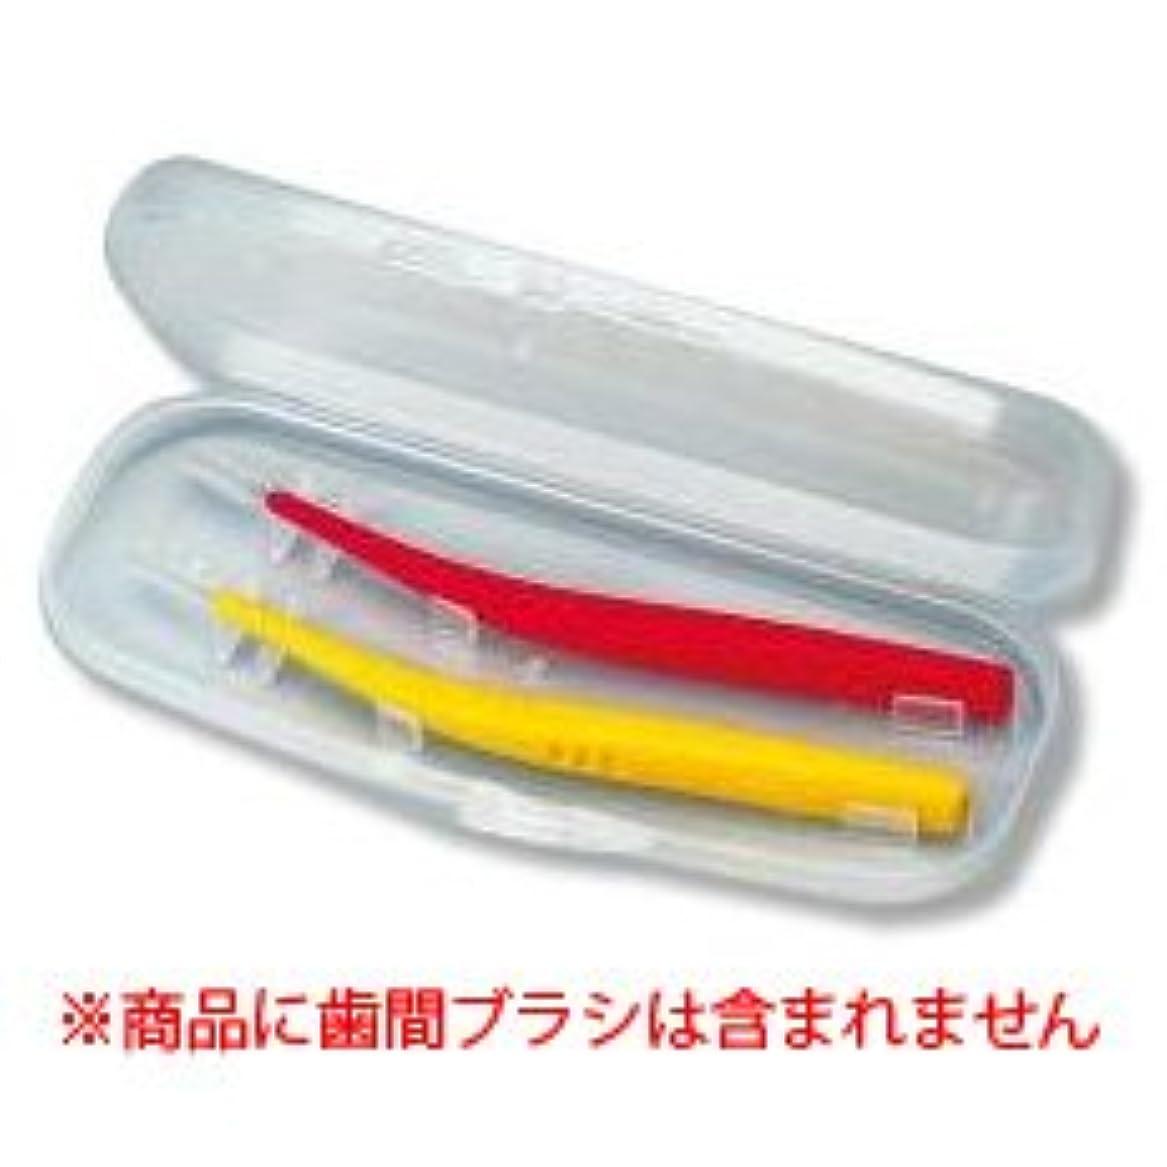 閉塞省エーカー【ジーシー(GC)】【歯科用】プロスペック歯間ブラシ カーブ ケース 10パック【歯間ブラシケース】